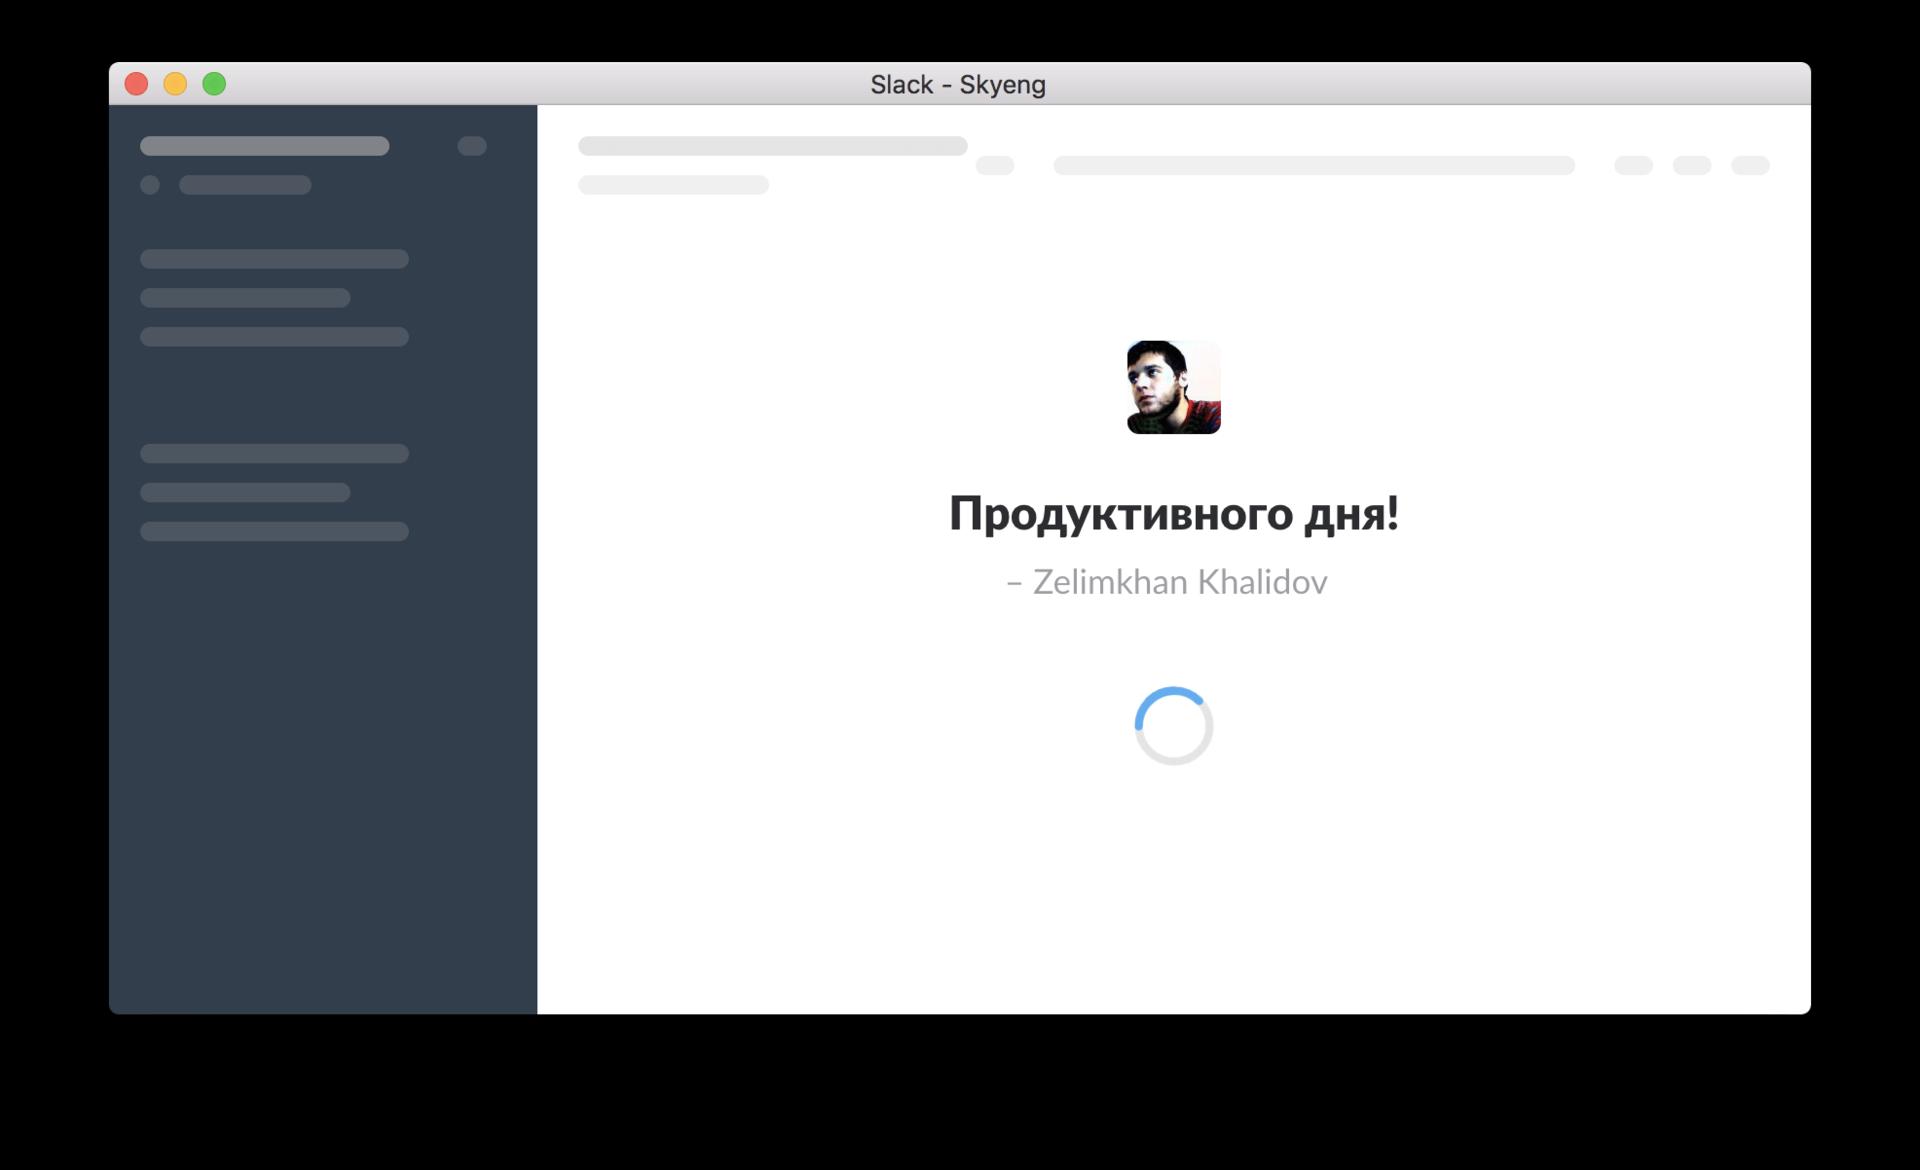 Как мы экономим полмиллиона рублей в месяц с помощью Slack - 10